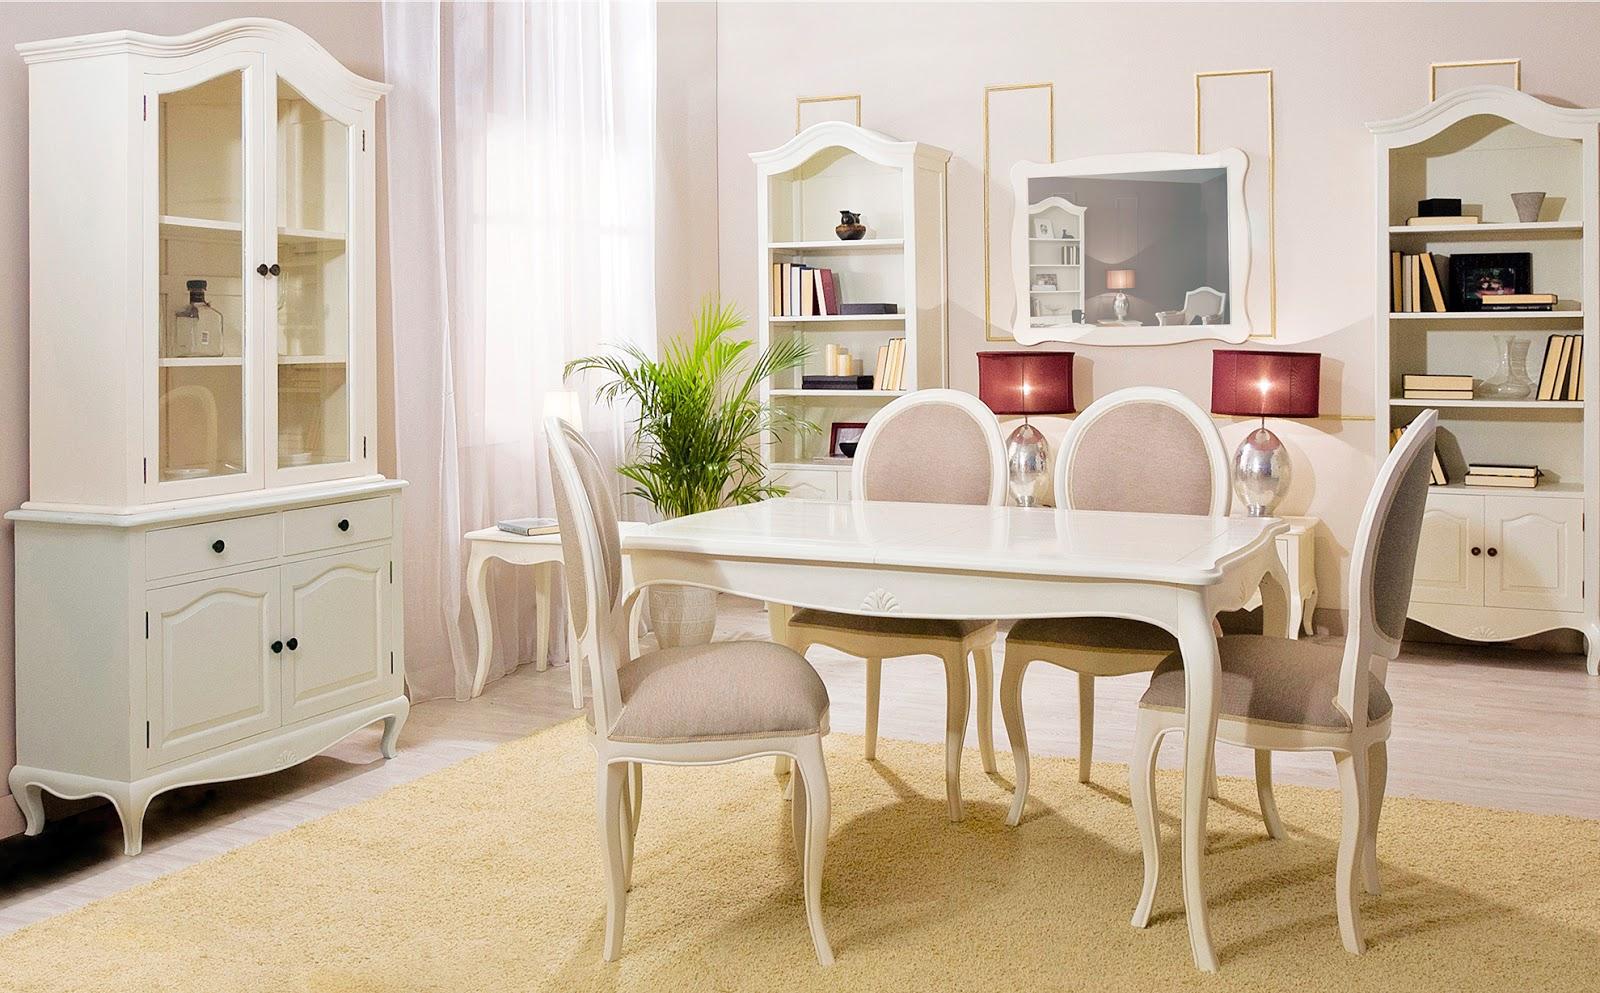 Muebles de comedor 10 comedores con vitrina - Muebles estilo vintage ...